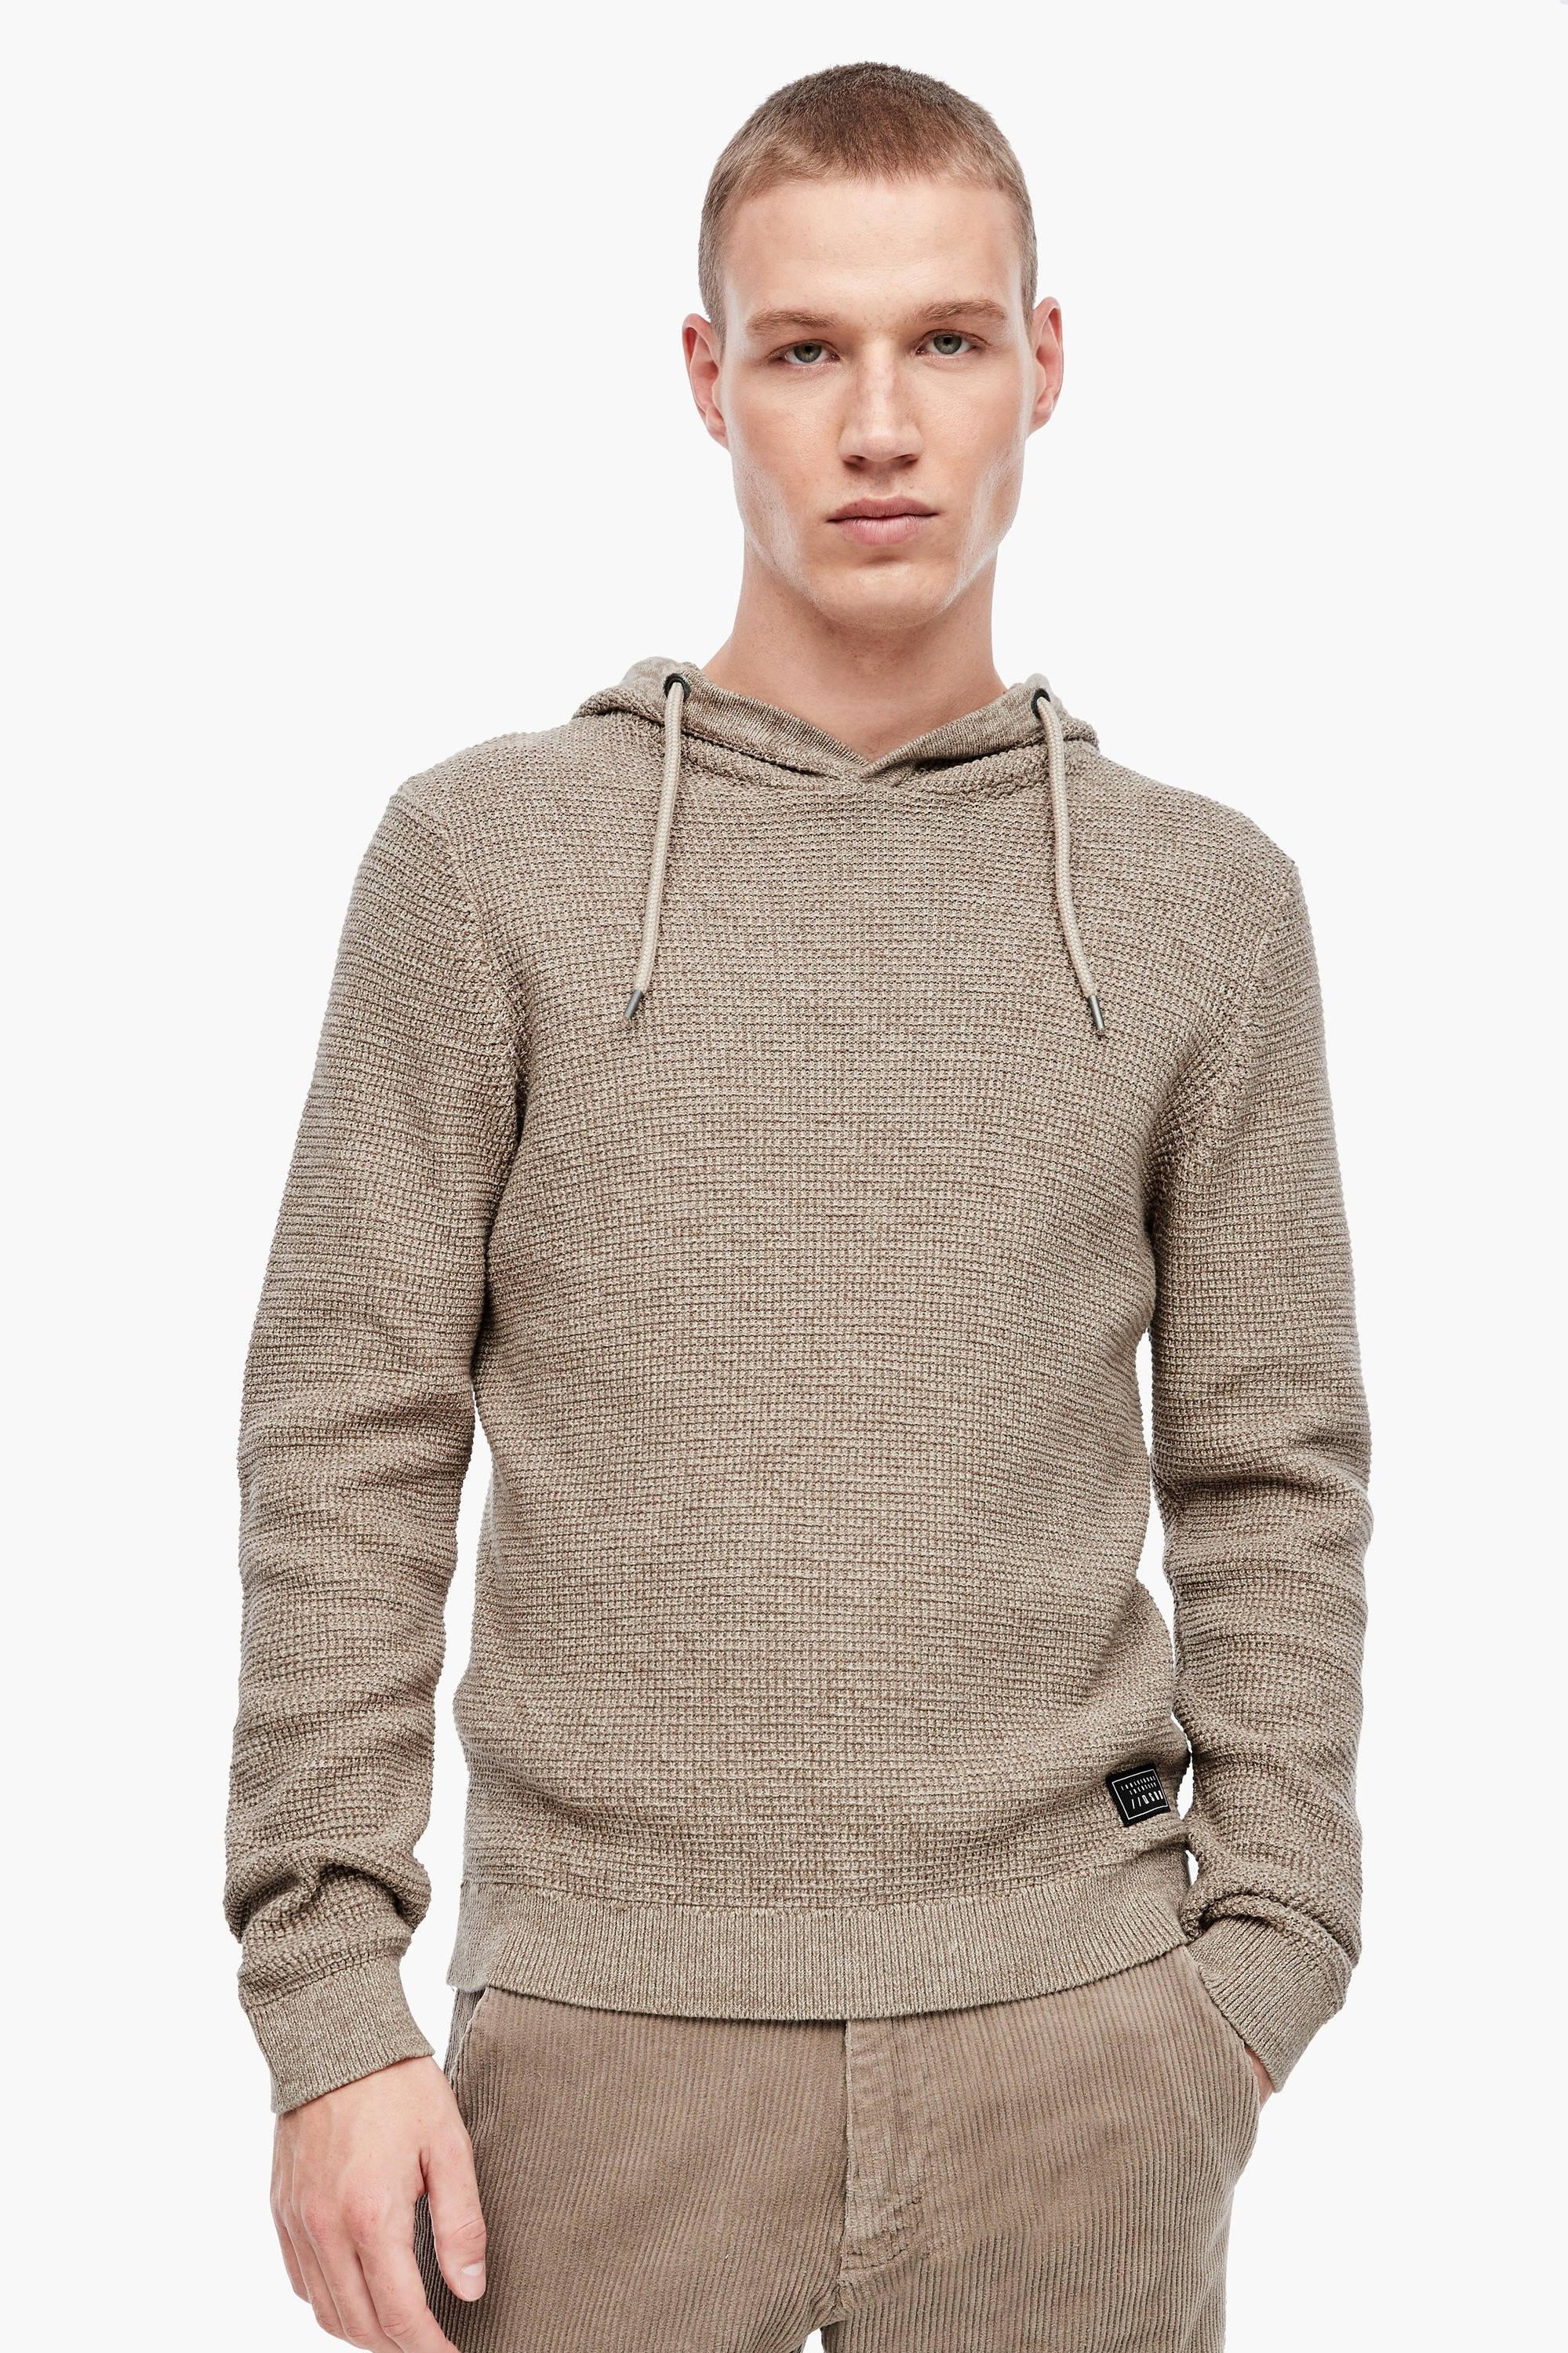 QS designed by gemêleerde trui roodbruin | wehkamp